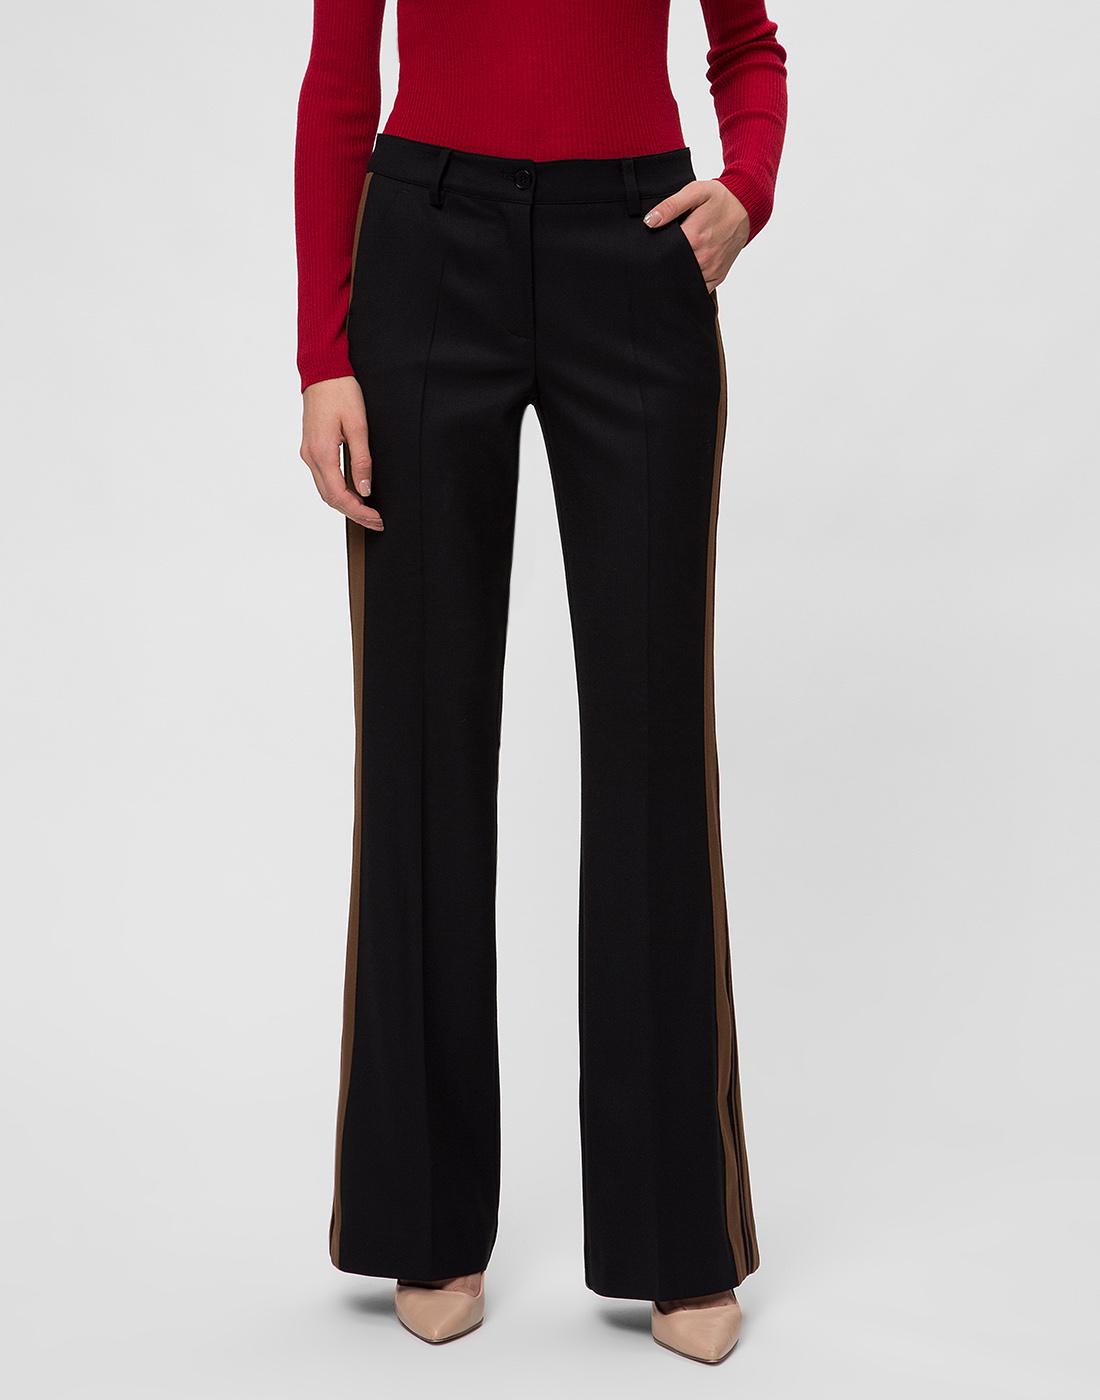 Женские черные шерстяные брюки P.A.R.O.S.H. SLILIU D230311-2